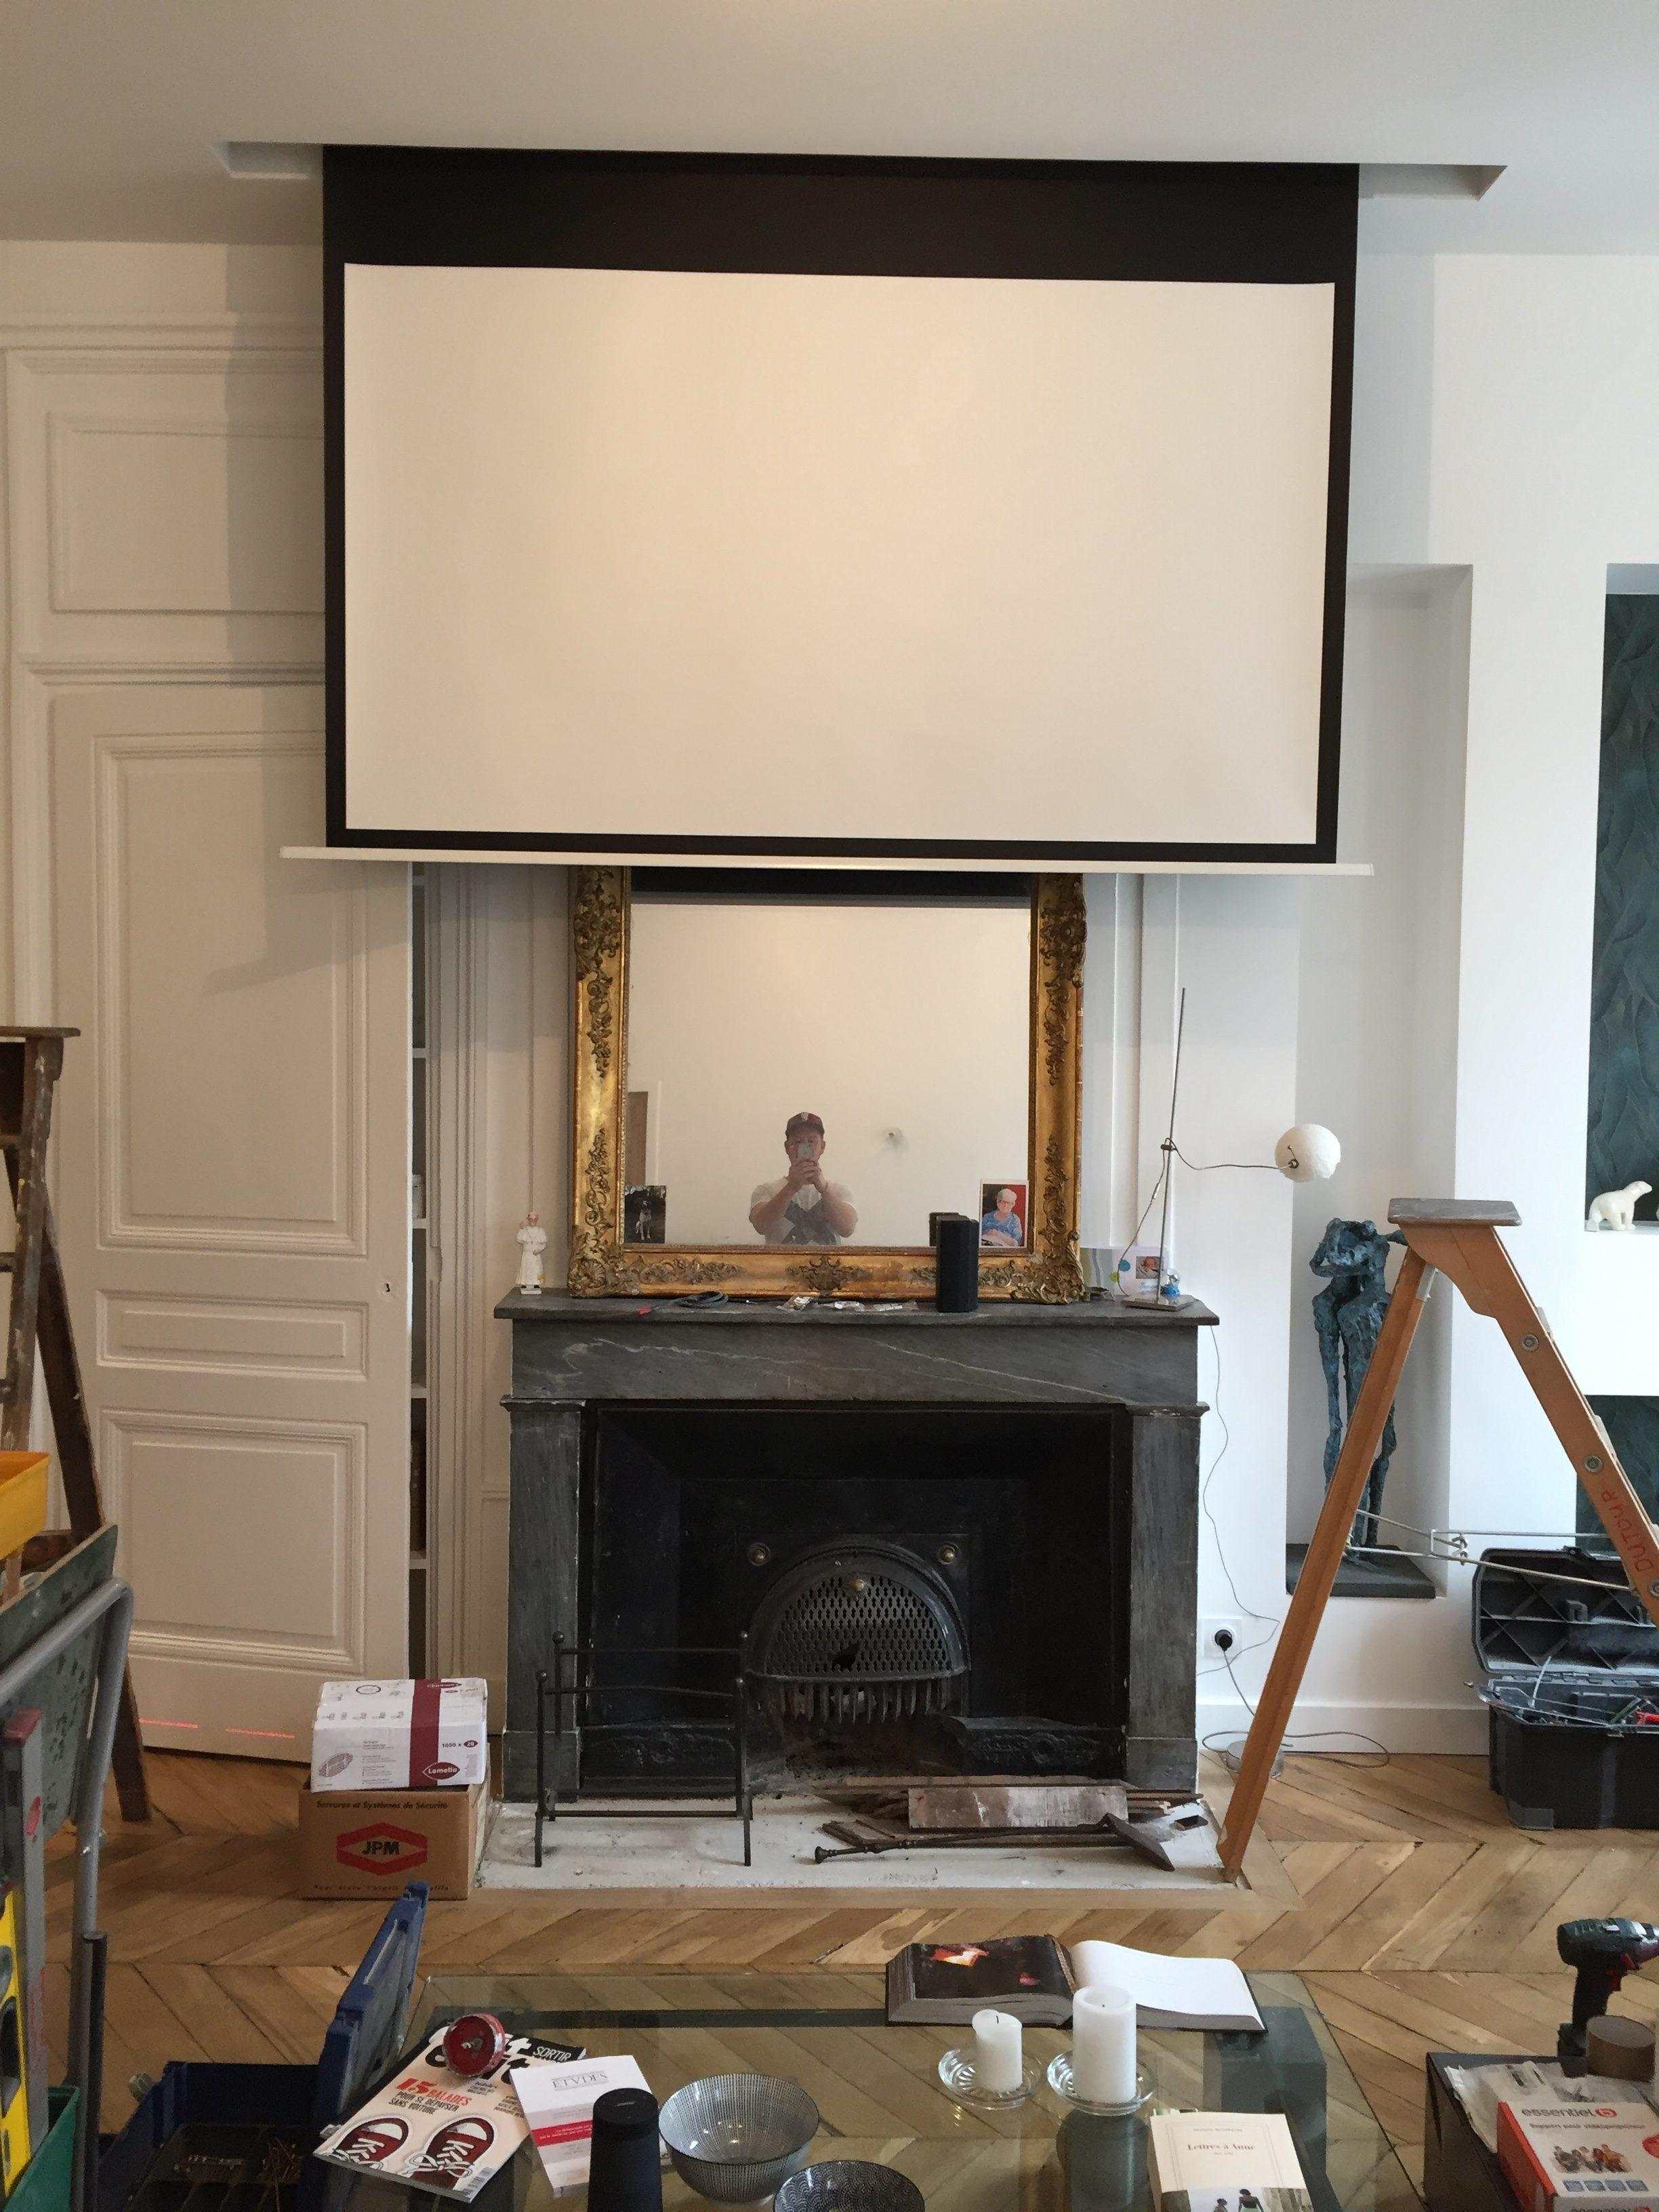 Ecran pour vidéo projecteur